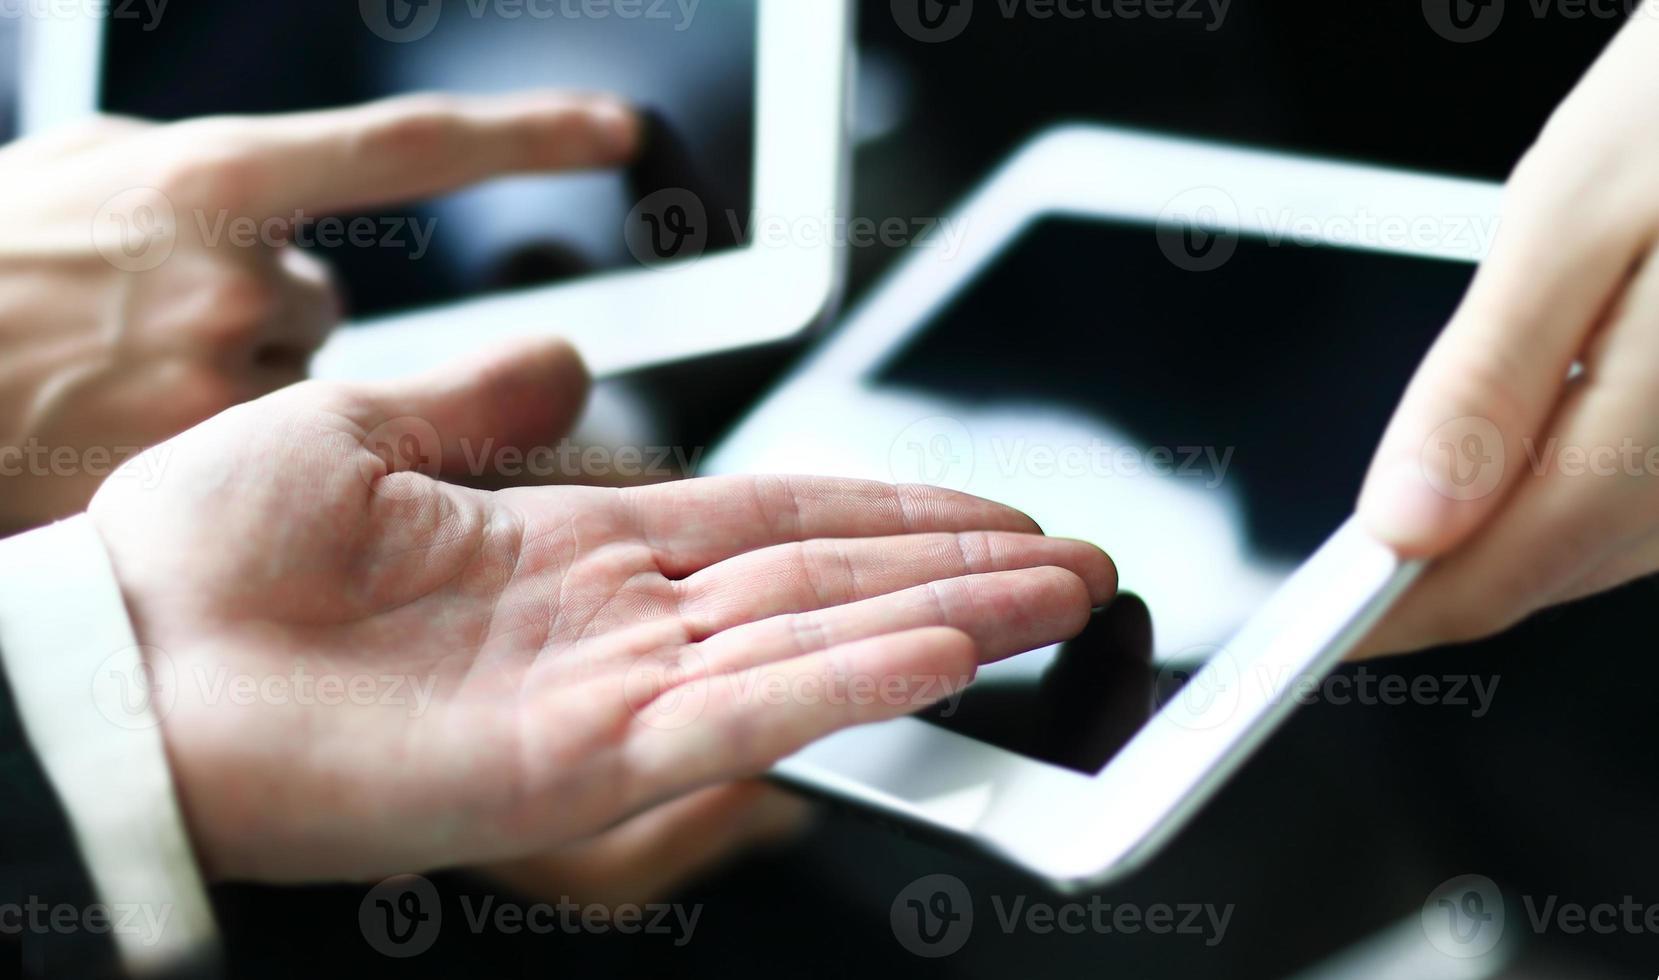 affärsmän som gör affärer, visas på pekplattan foto